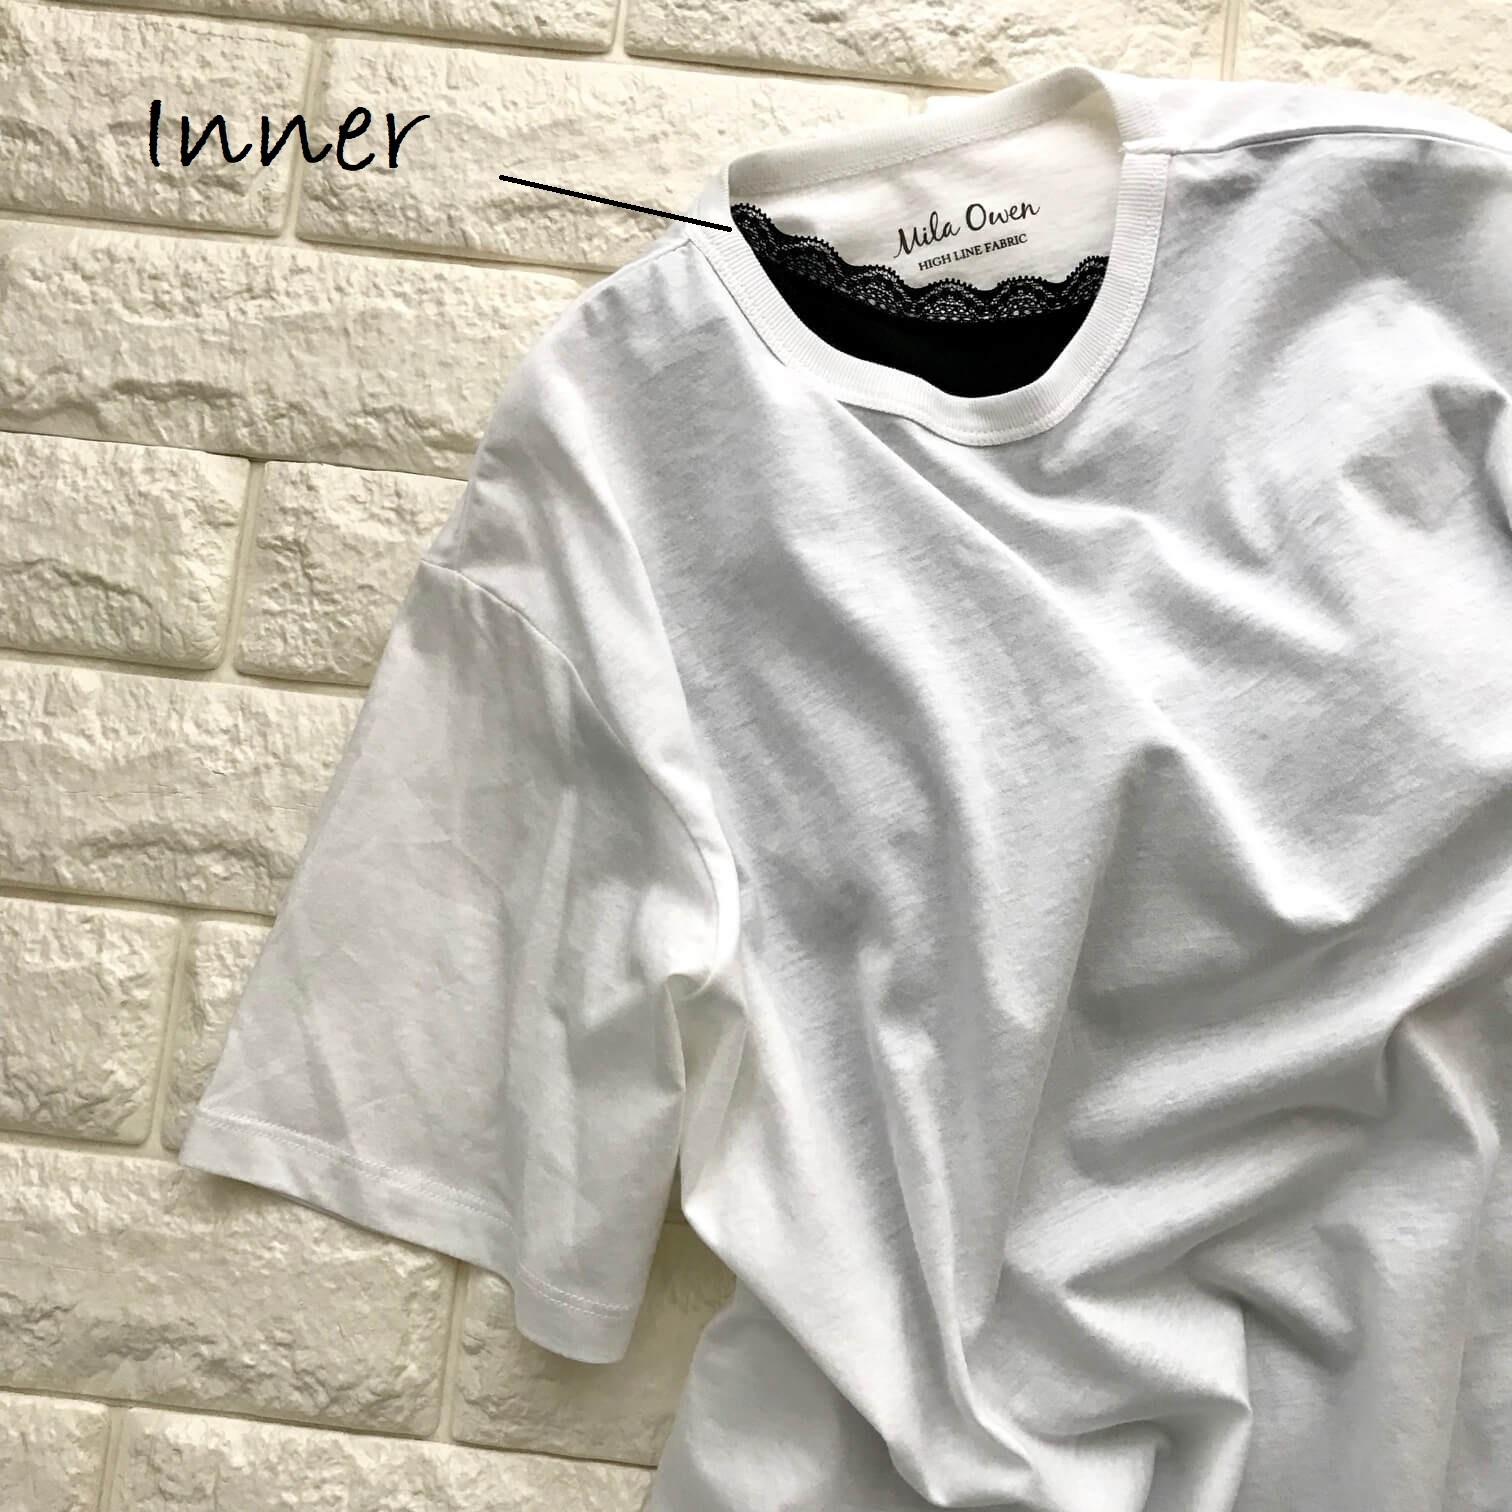 ミラオーウェンのTシャツにインナーを合わせた画像